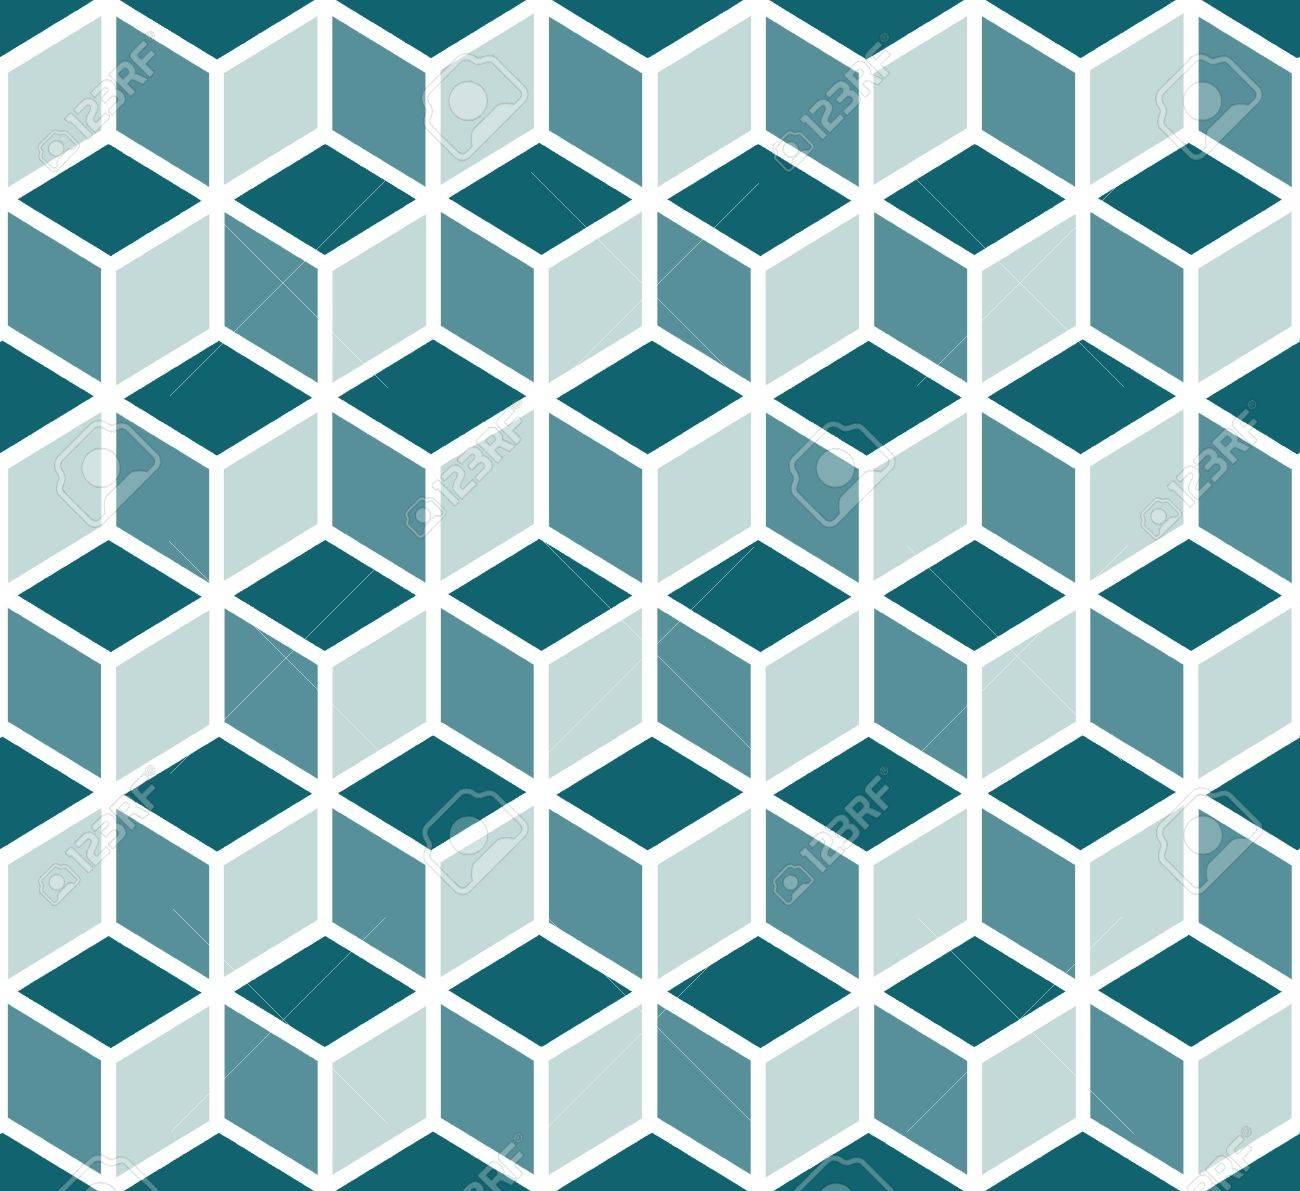 geometic design - Ataum berglauf-verband com